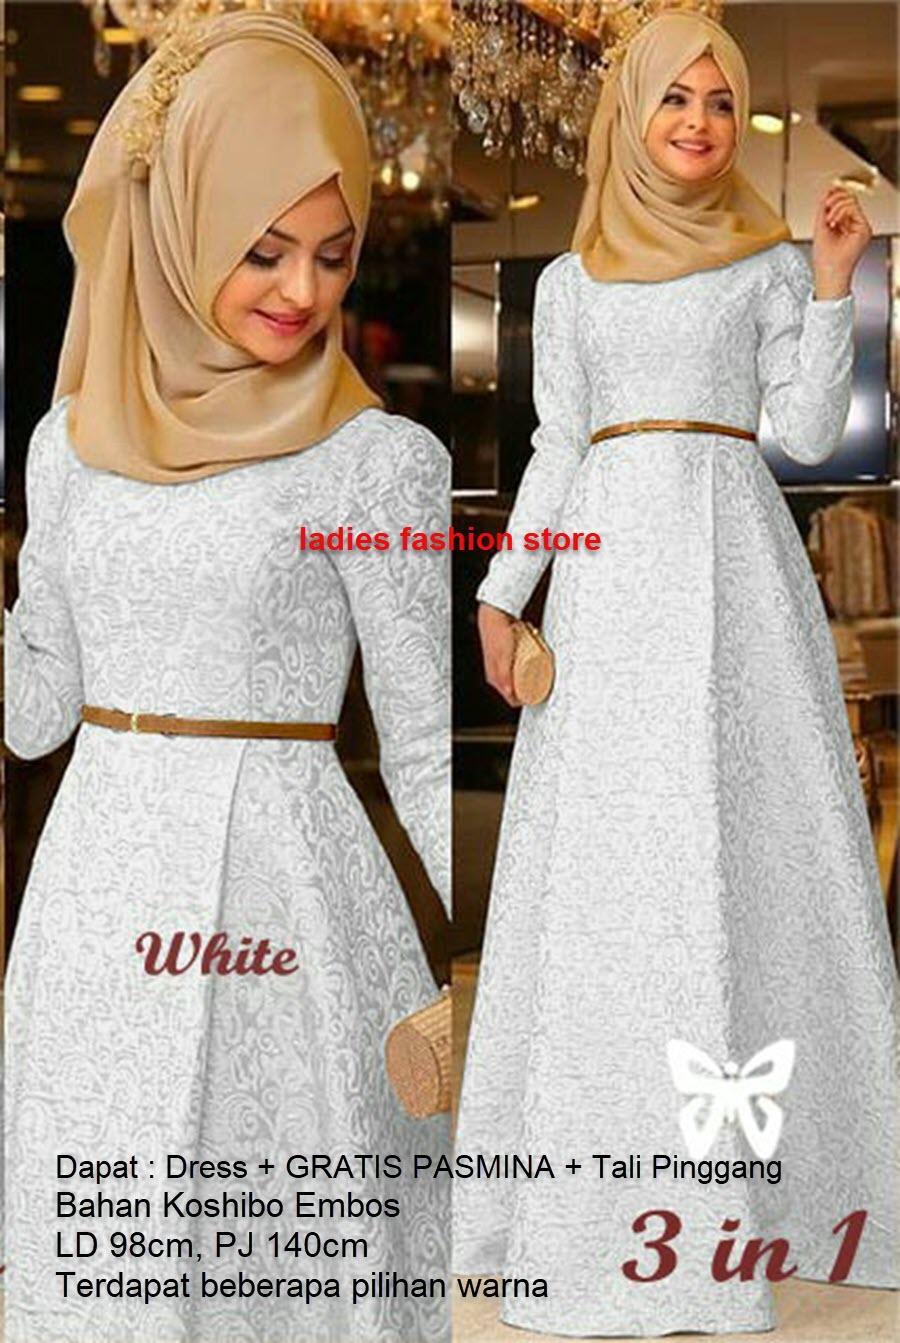 Gamis Wanita / Muslimah Modern / Gamis Remaja Polos Murah / Dress Pesta Gamis Model Baru / Gamis Modern Gaun Gamis Baloteli Wolfis / Dress Cewek Muslimah / Hijab Muslim / Muslim Syari Hijab Syar'i / Busana Muslim / Atasan Gamis Murah (Mirahza) SS - PUTIH